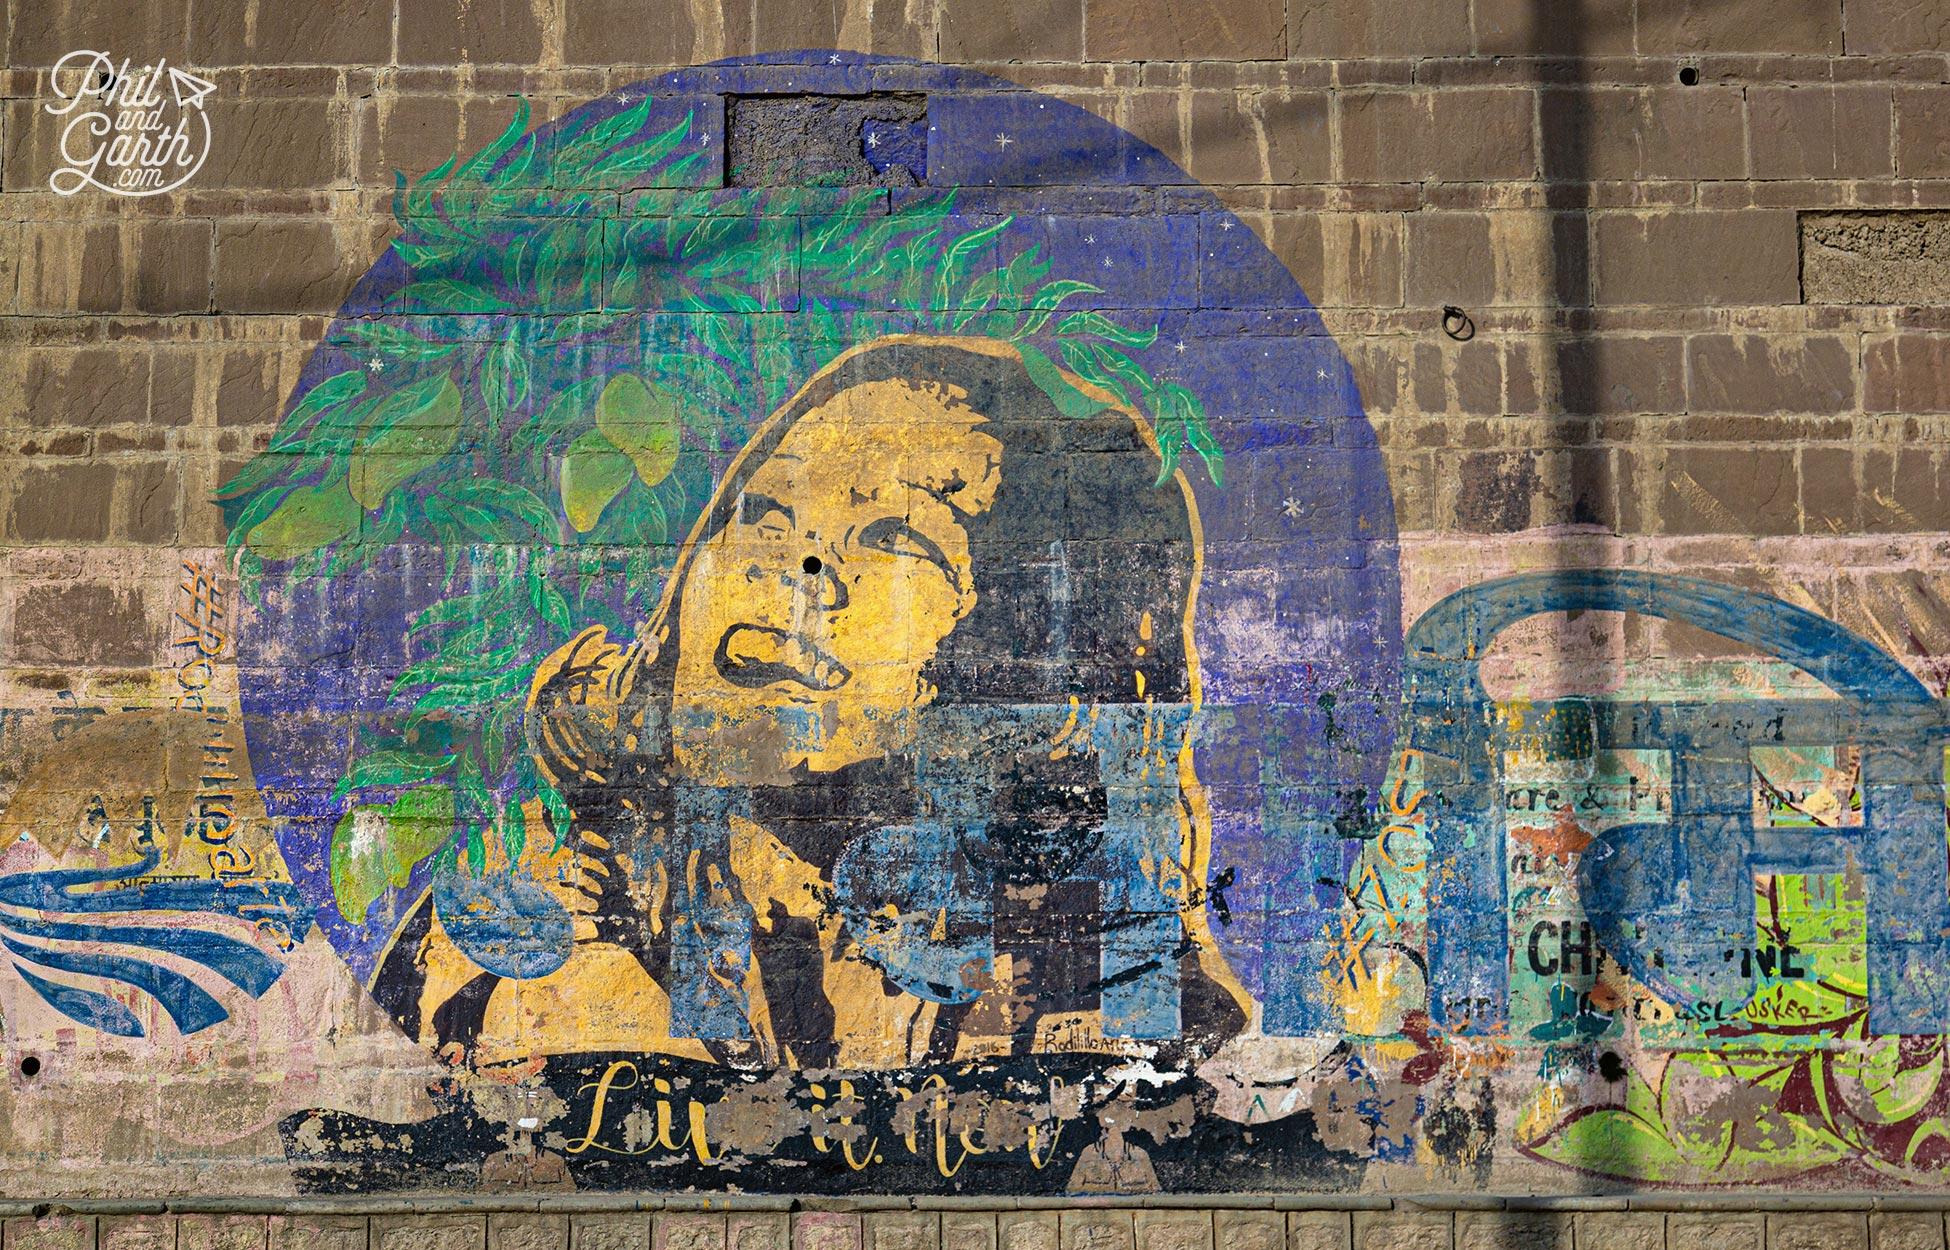 Varanasi street art - looks like this artwork is called Live It Now